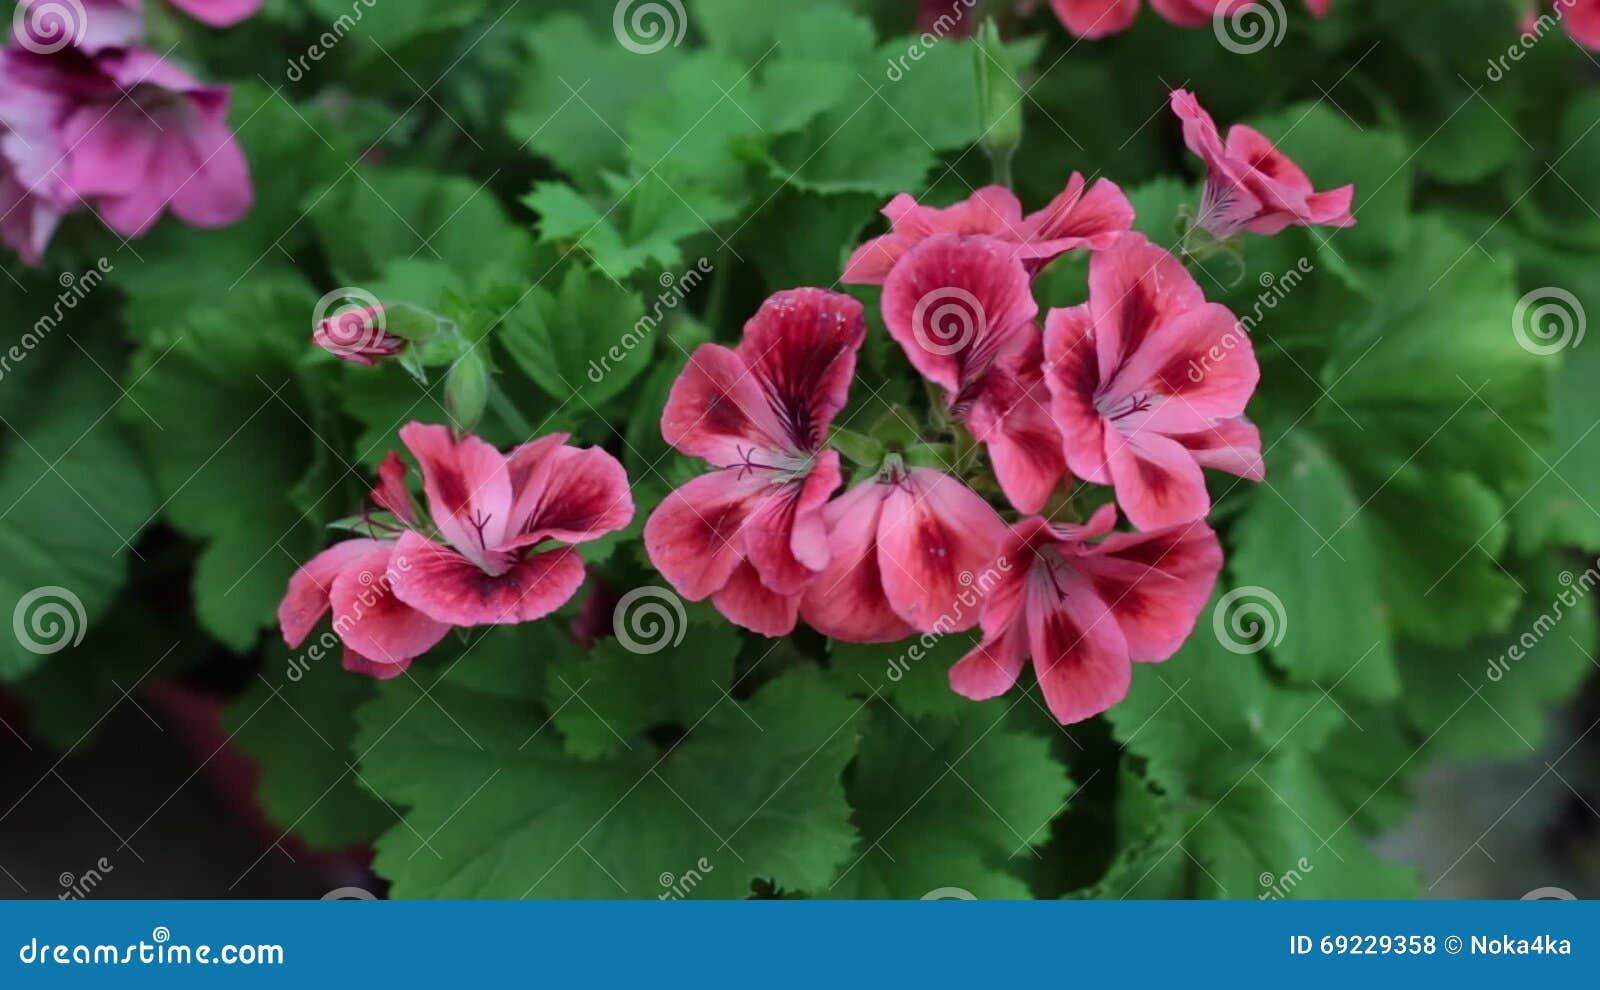 Pianta con fiori rossi bianchi e gialli best diamo un for Arbusto dai fiori rosa e bianchi